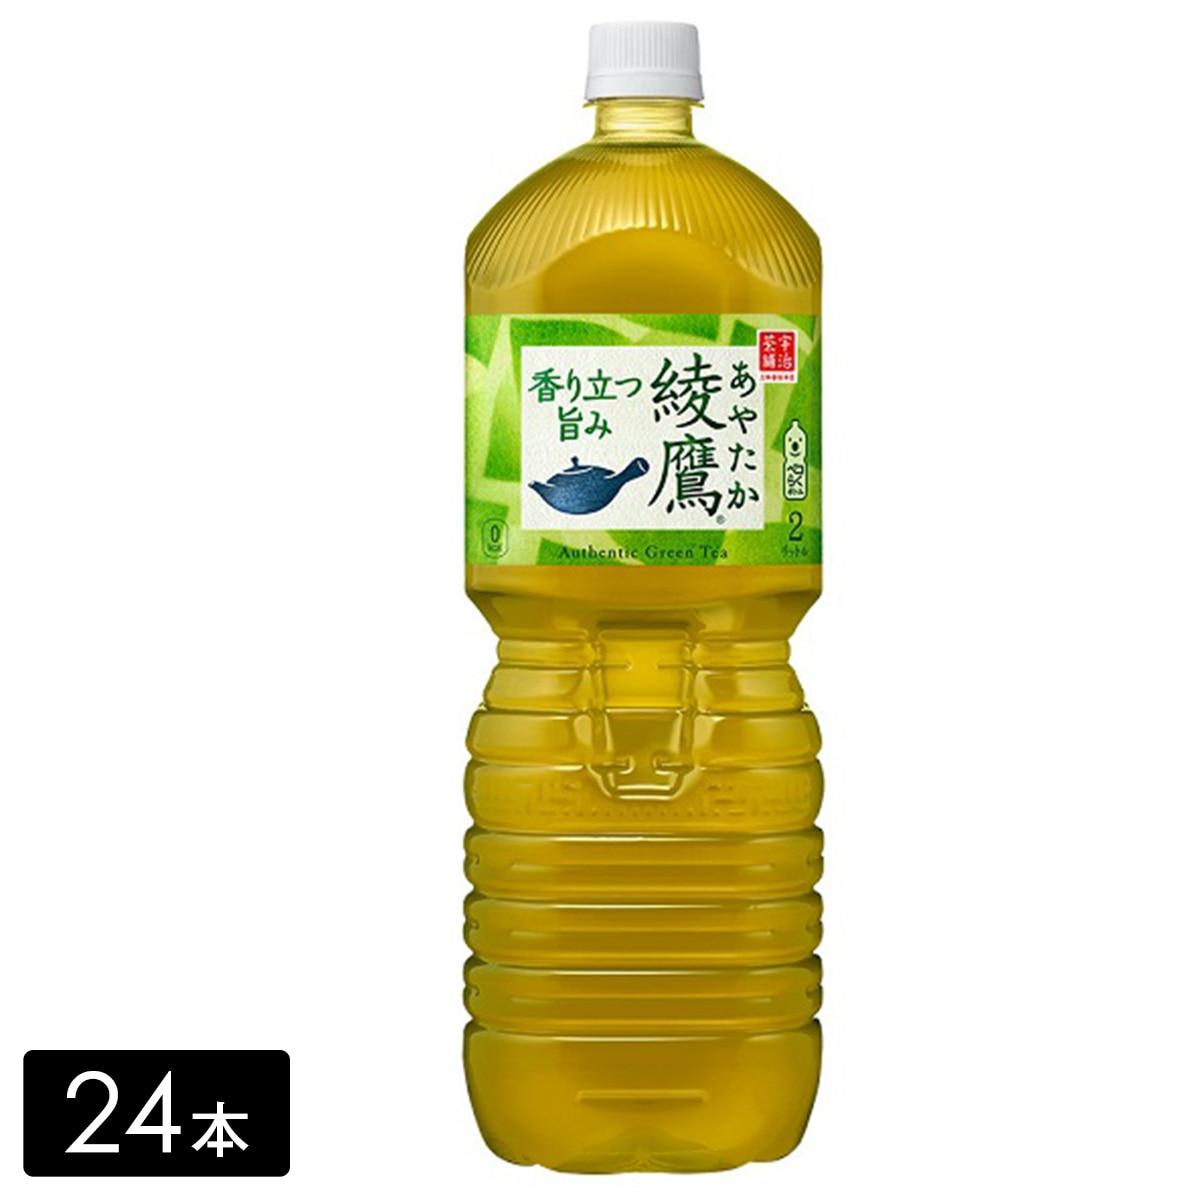 コカ・コーラボトラーズ 綾鷹 2L×24本 43362